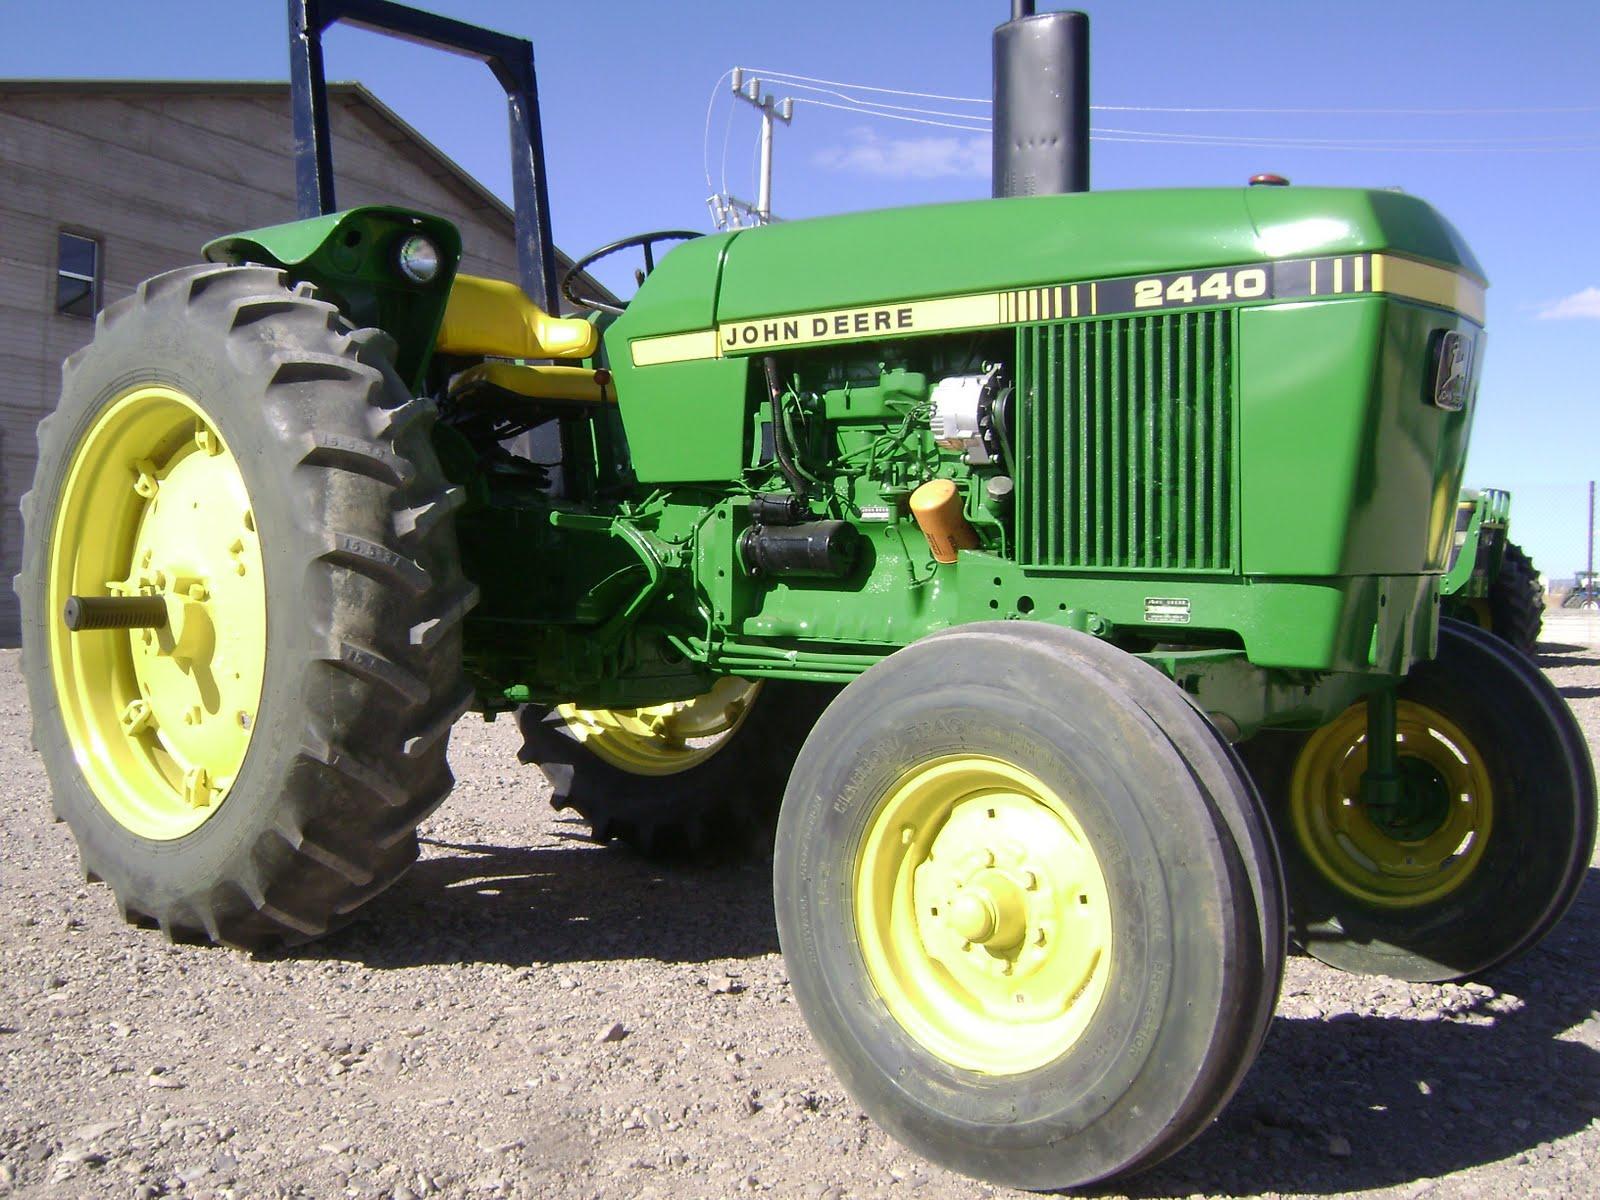 John Deere 2440 : Maquinaria agricola industrial tractor john deere